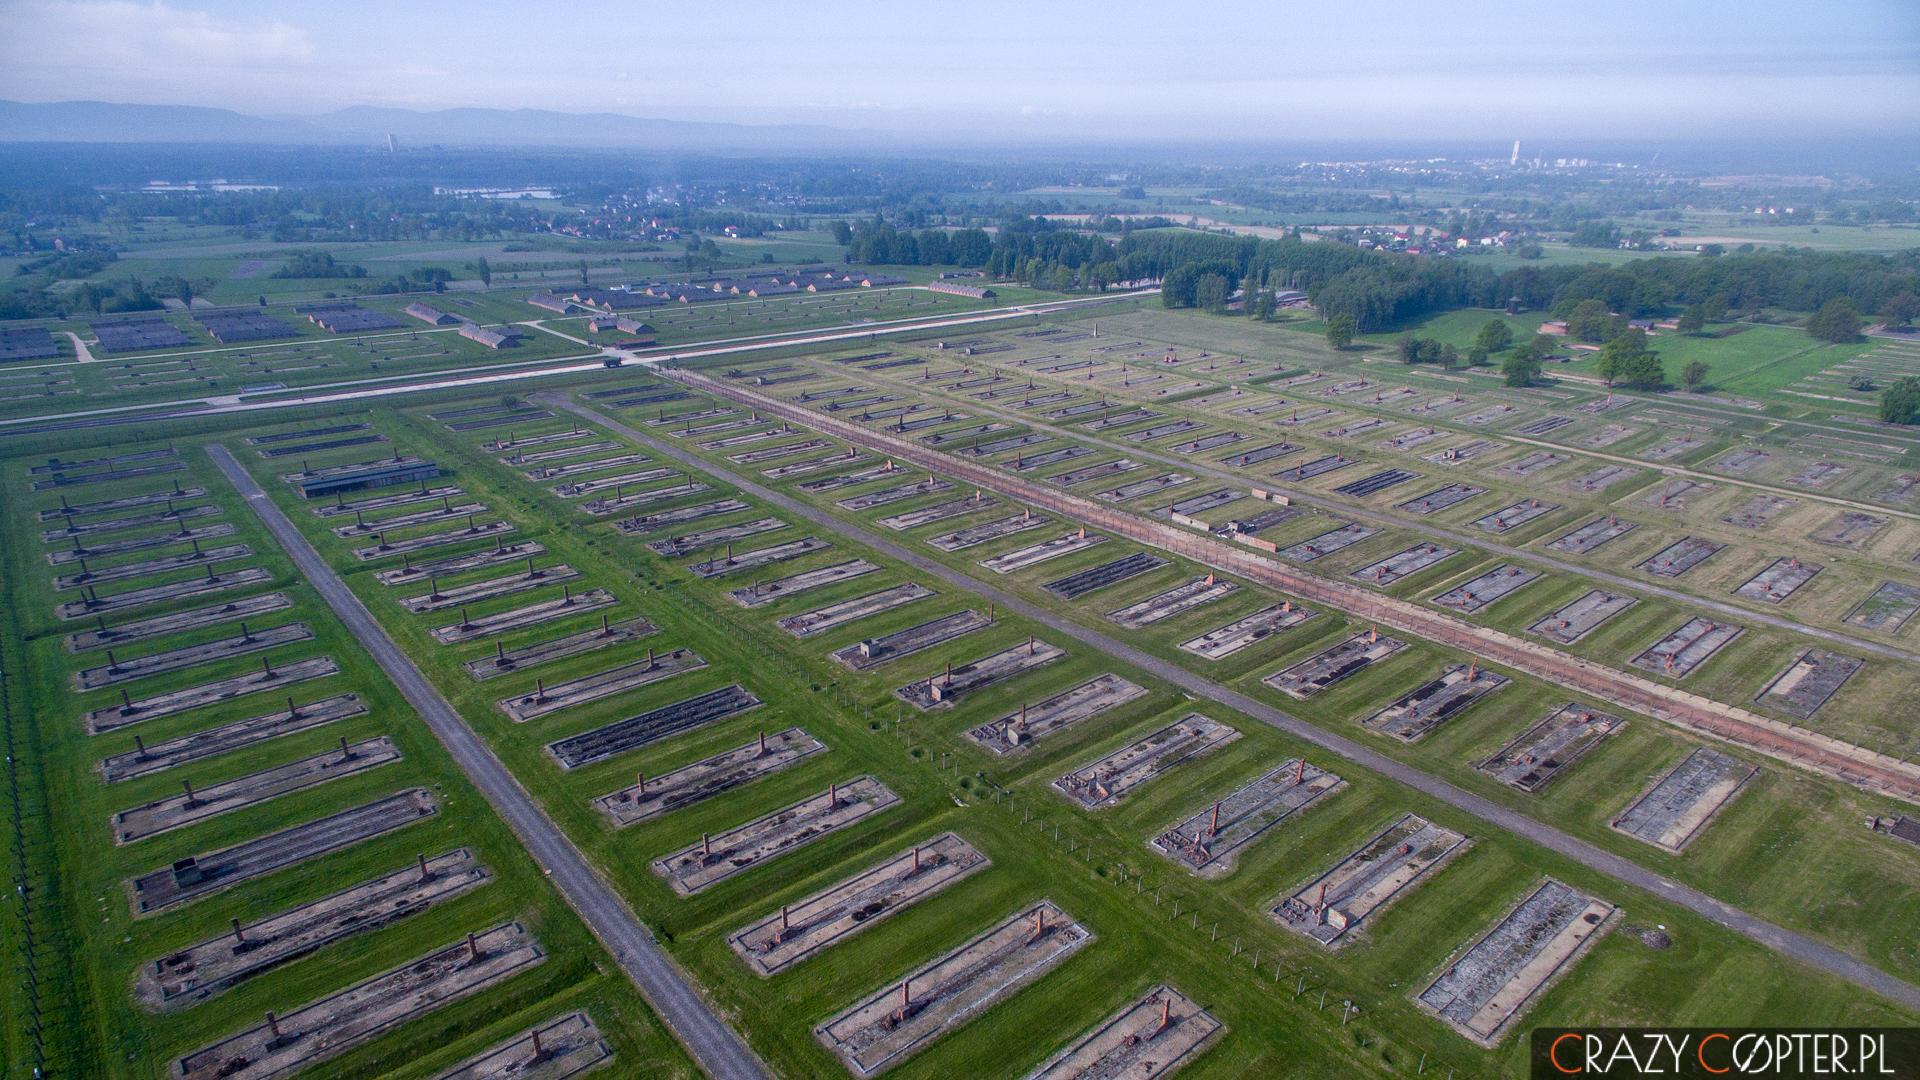 Obóz koncentracyjny Auschwitz-Birkenau - zdjęcia zdrona